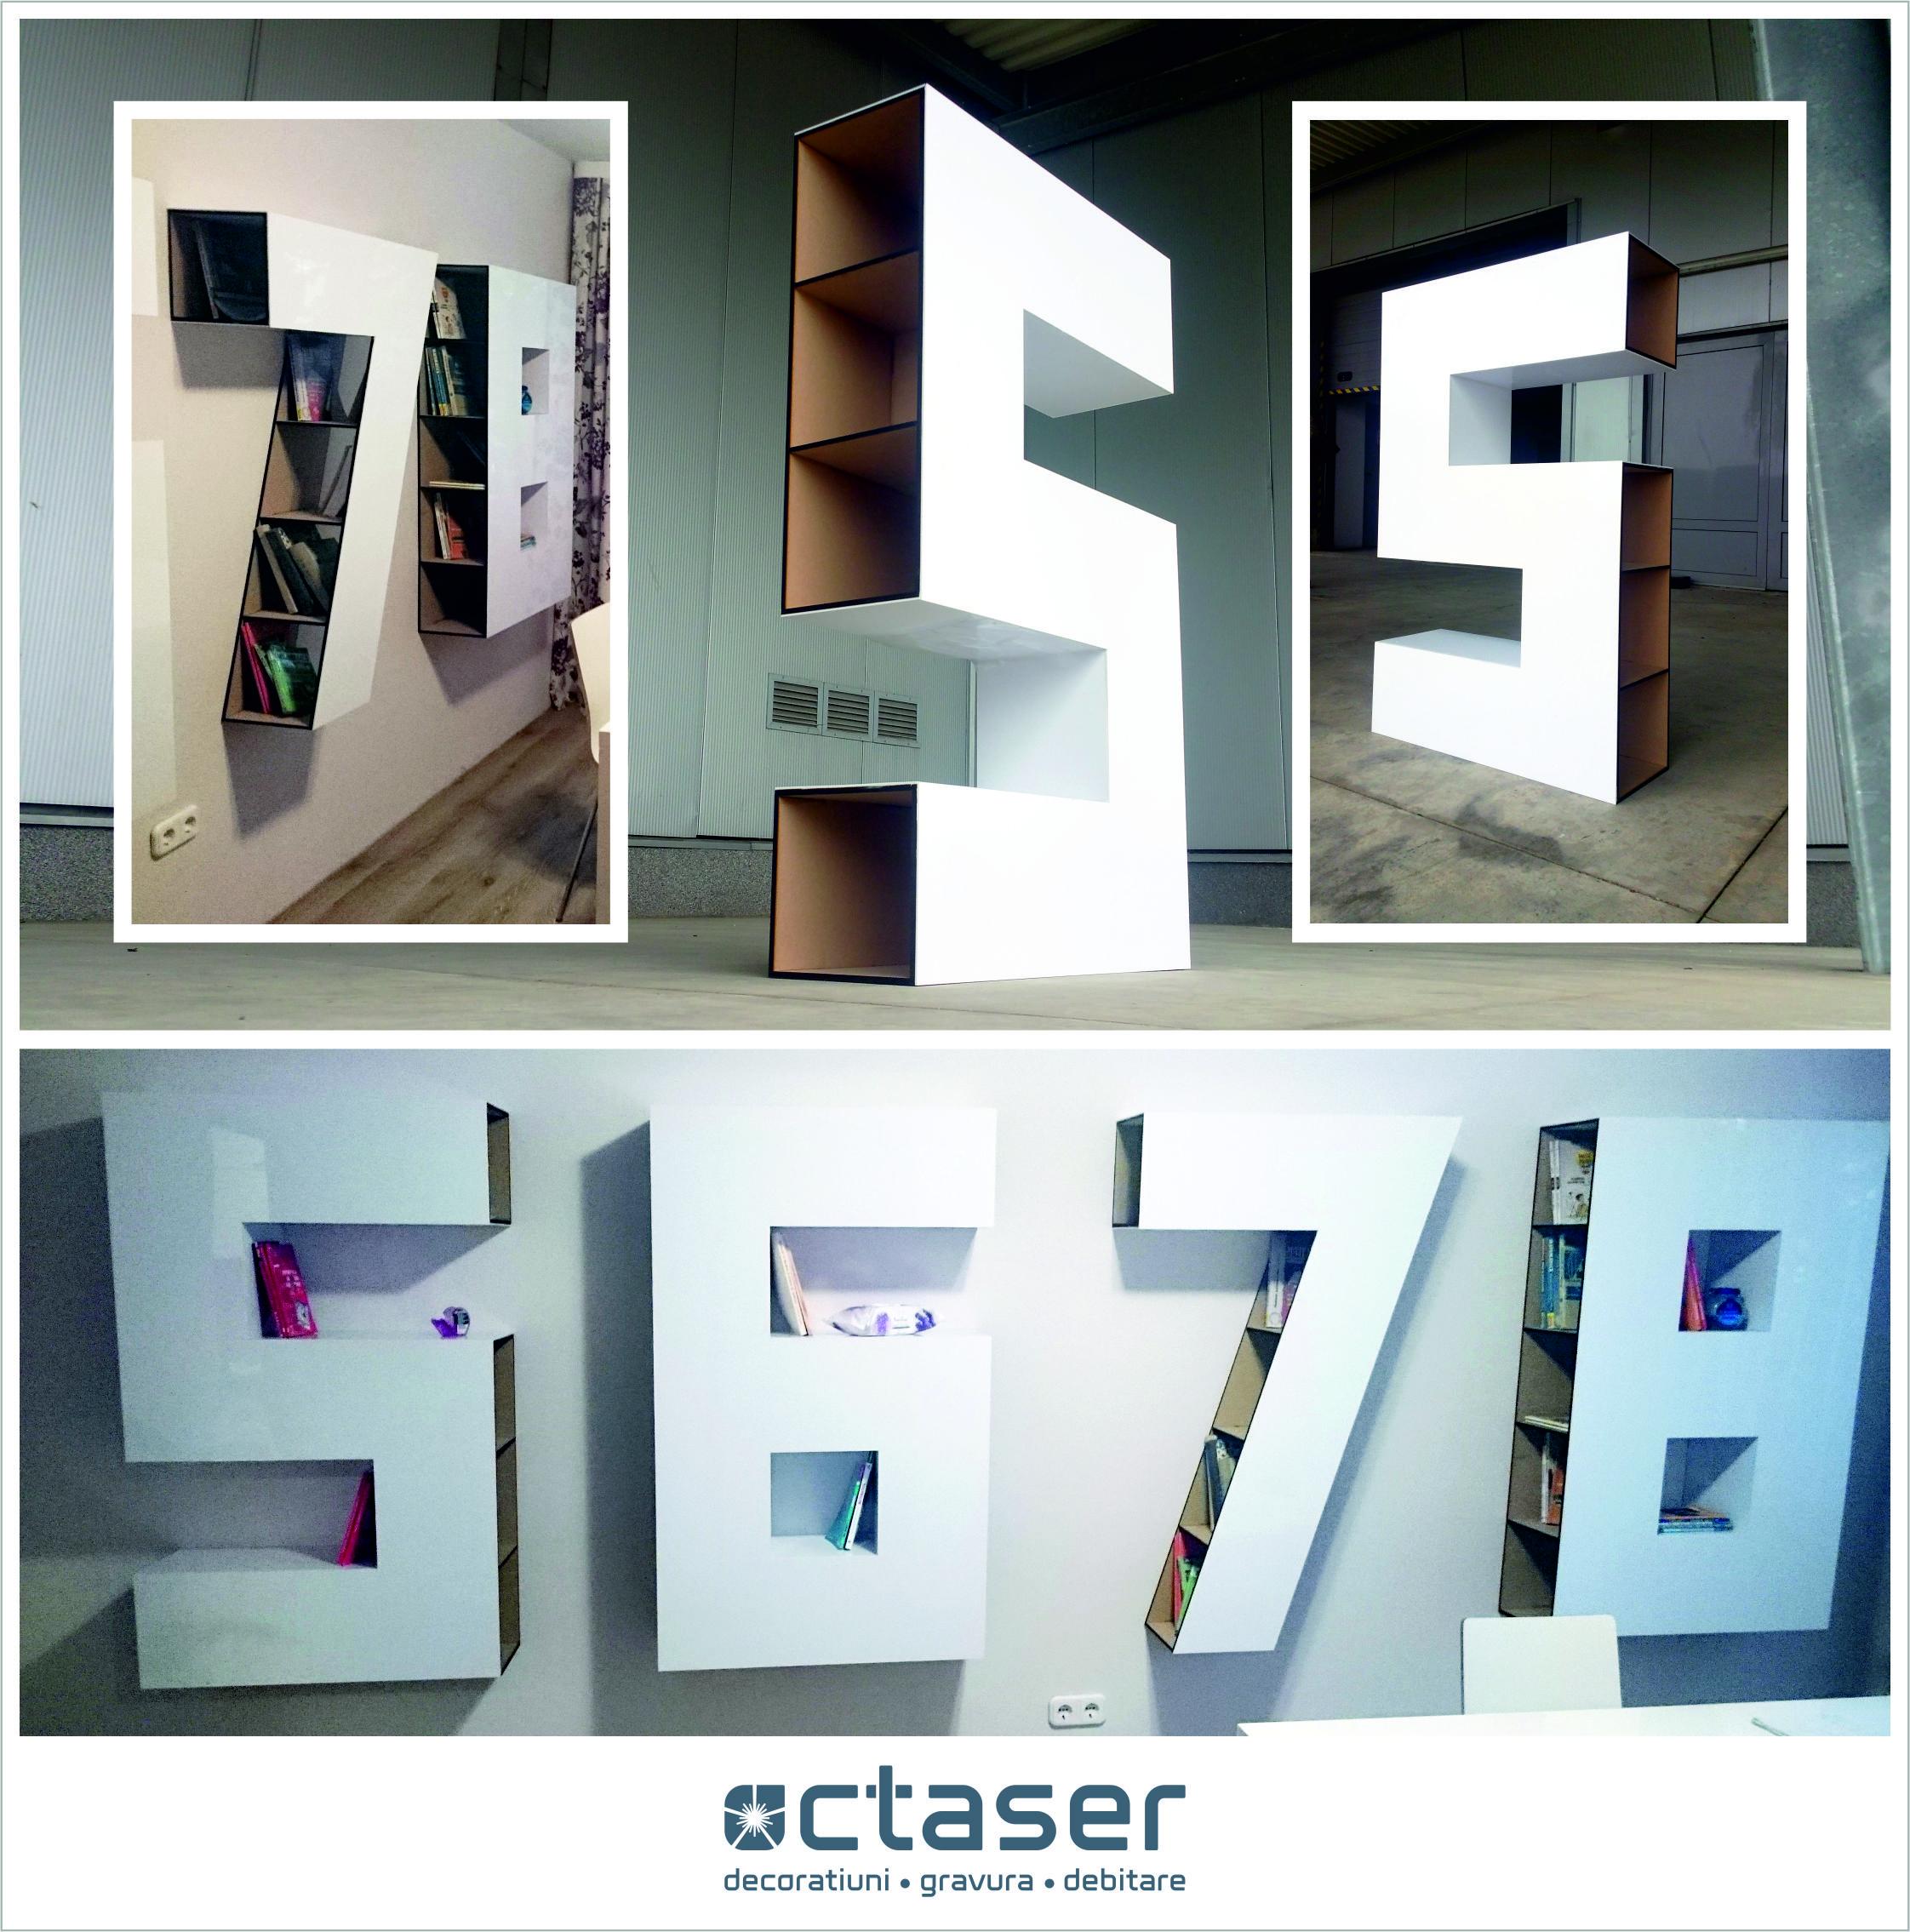 decoratiuni interioare mobilier cifre mdf plexiglas alb octaser oradea